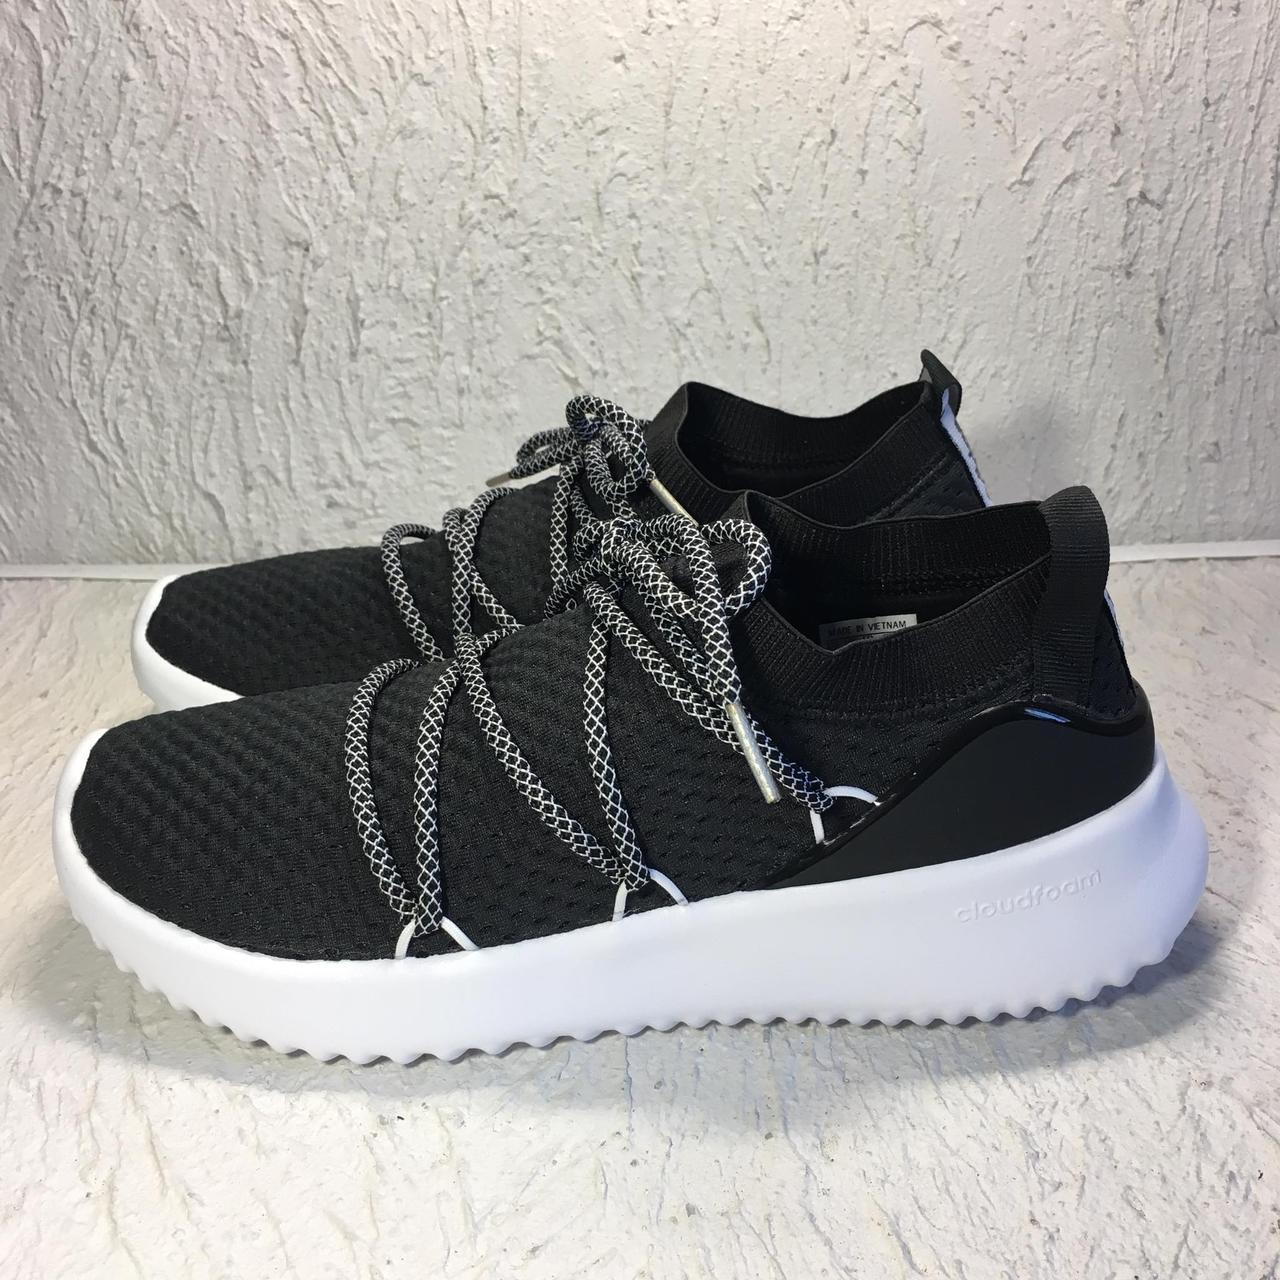 Кроссовки для бега  Adidas Ultimamotion B96474 39 1/3; 40 размер